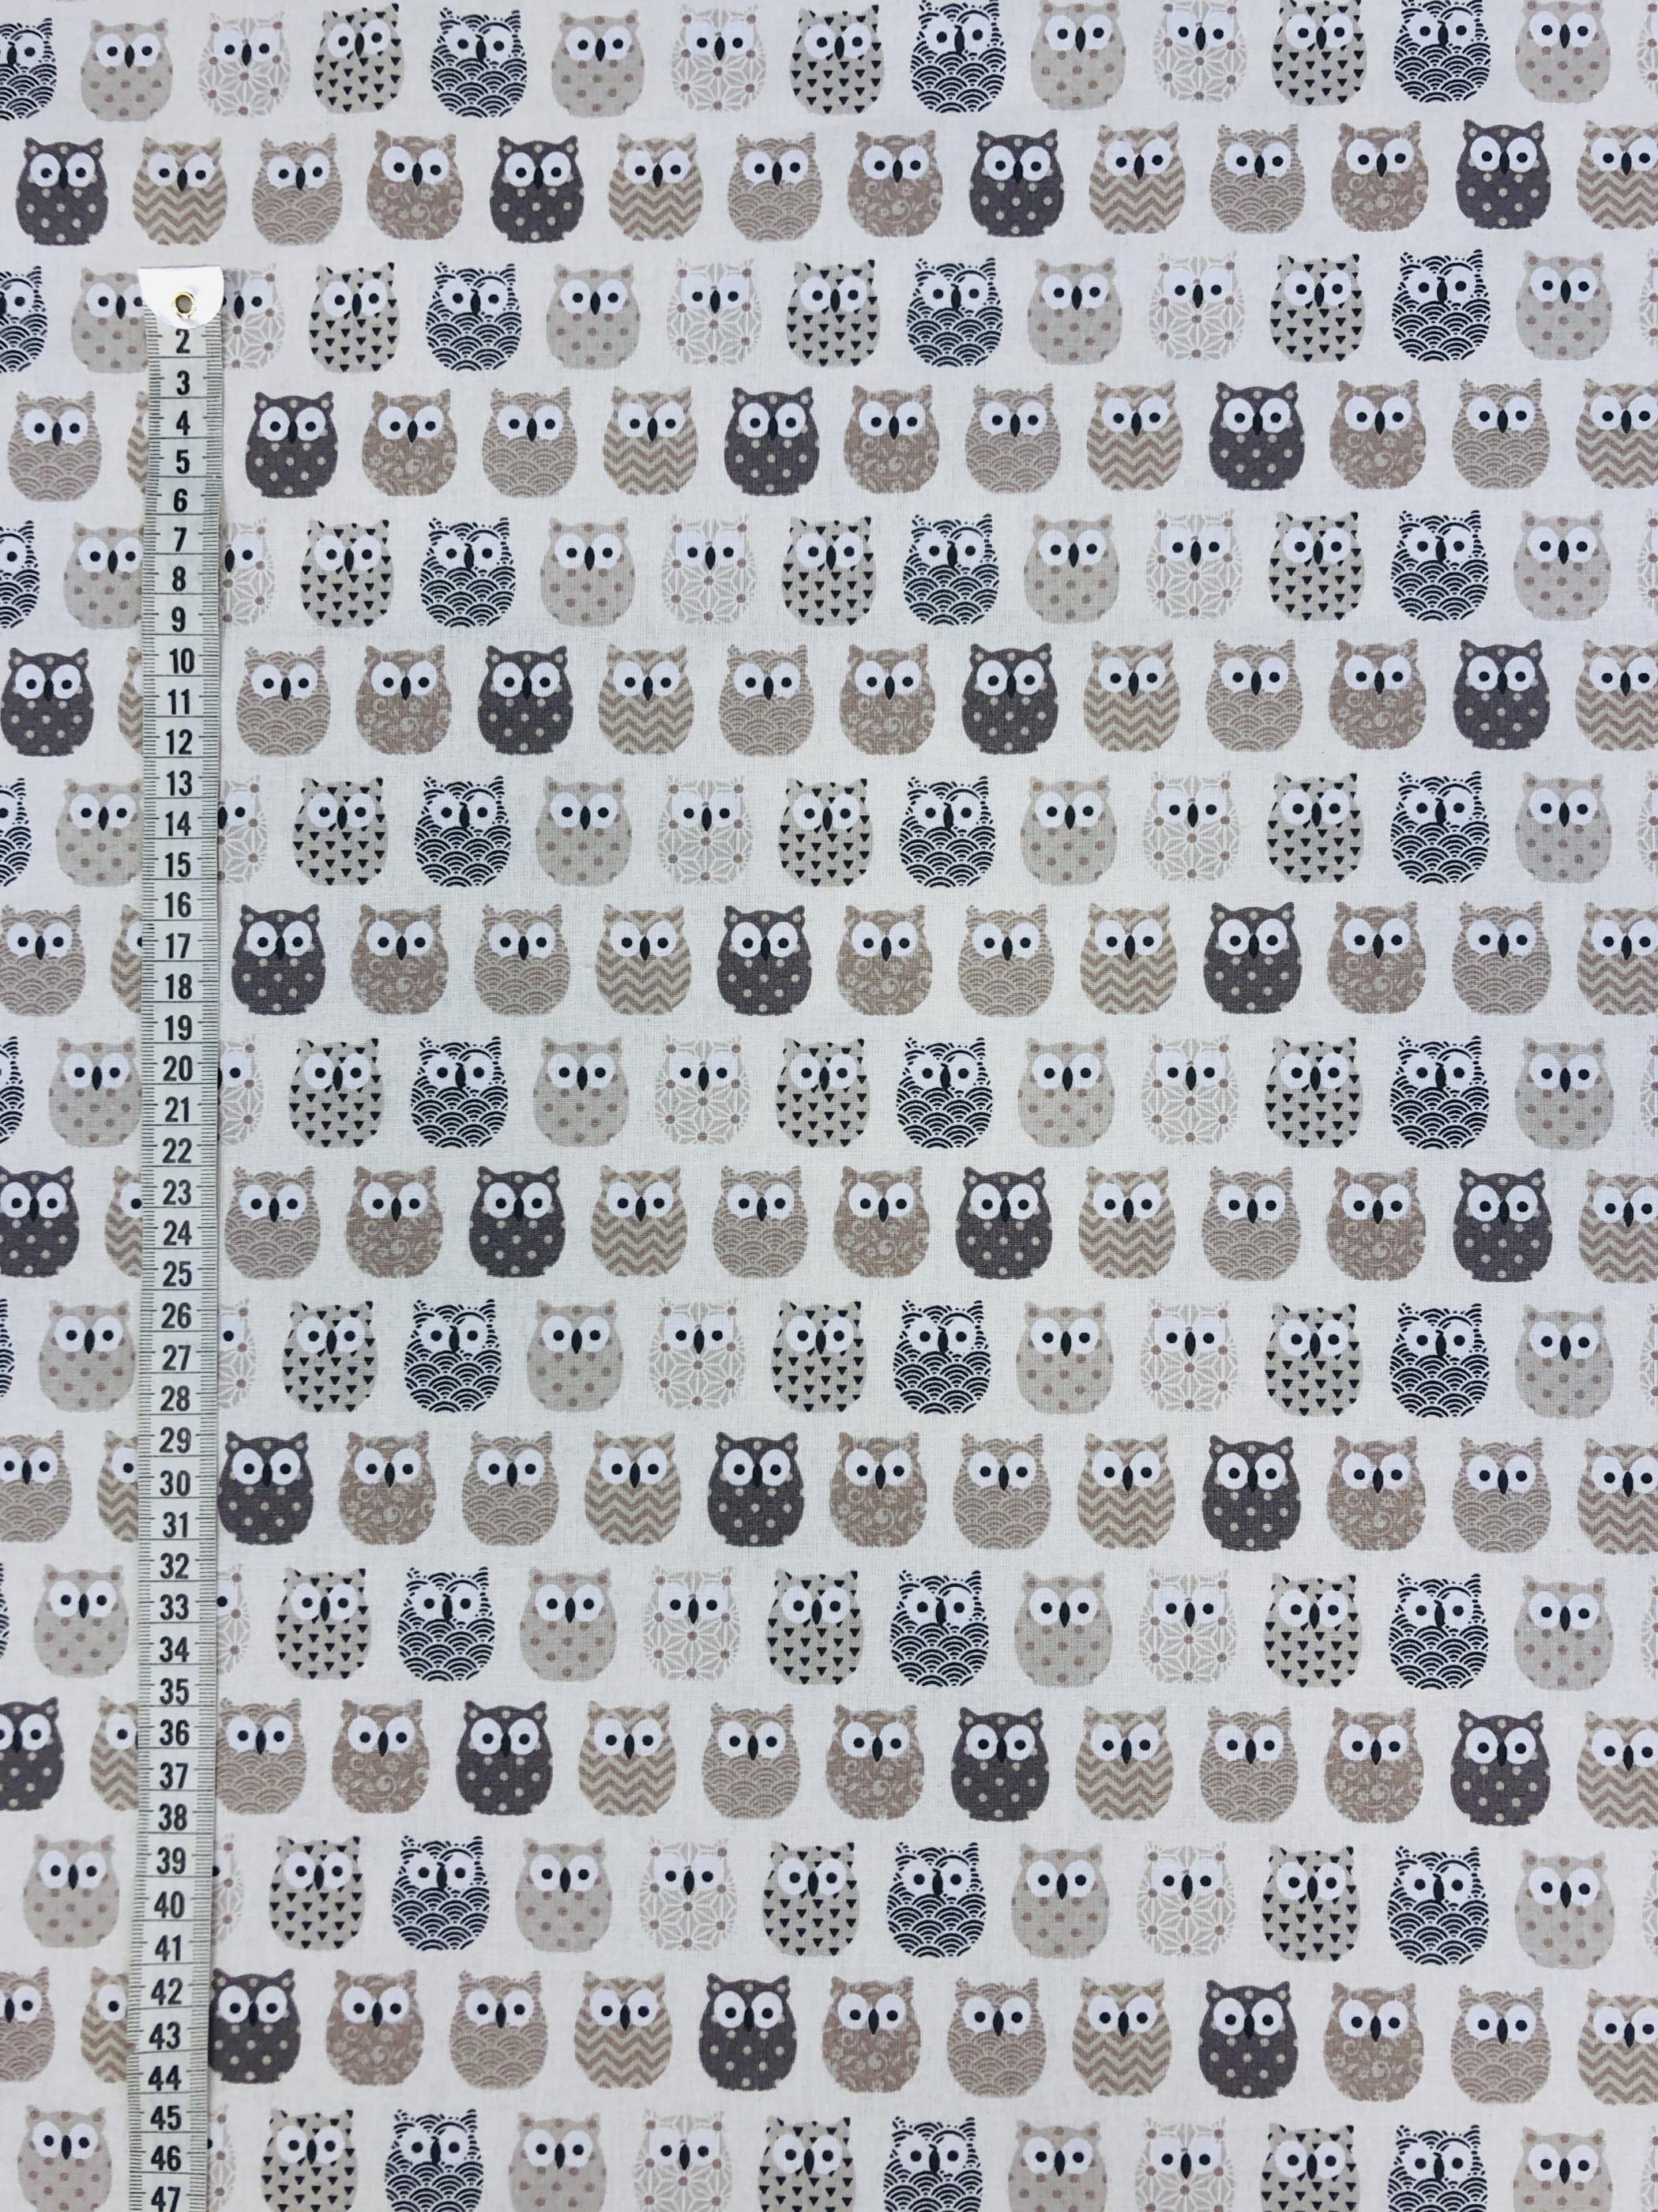 ugglor beige grå vit svart barntyg metervara hemtextil tyg Tyglust Laholm bomull